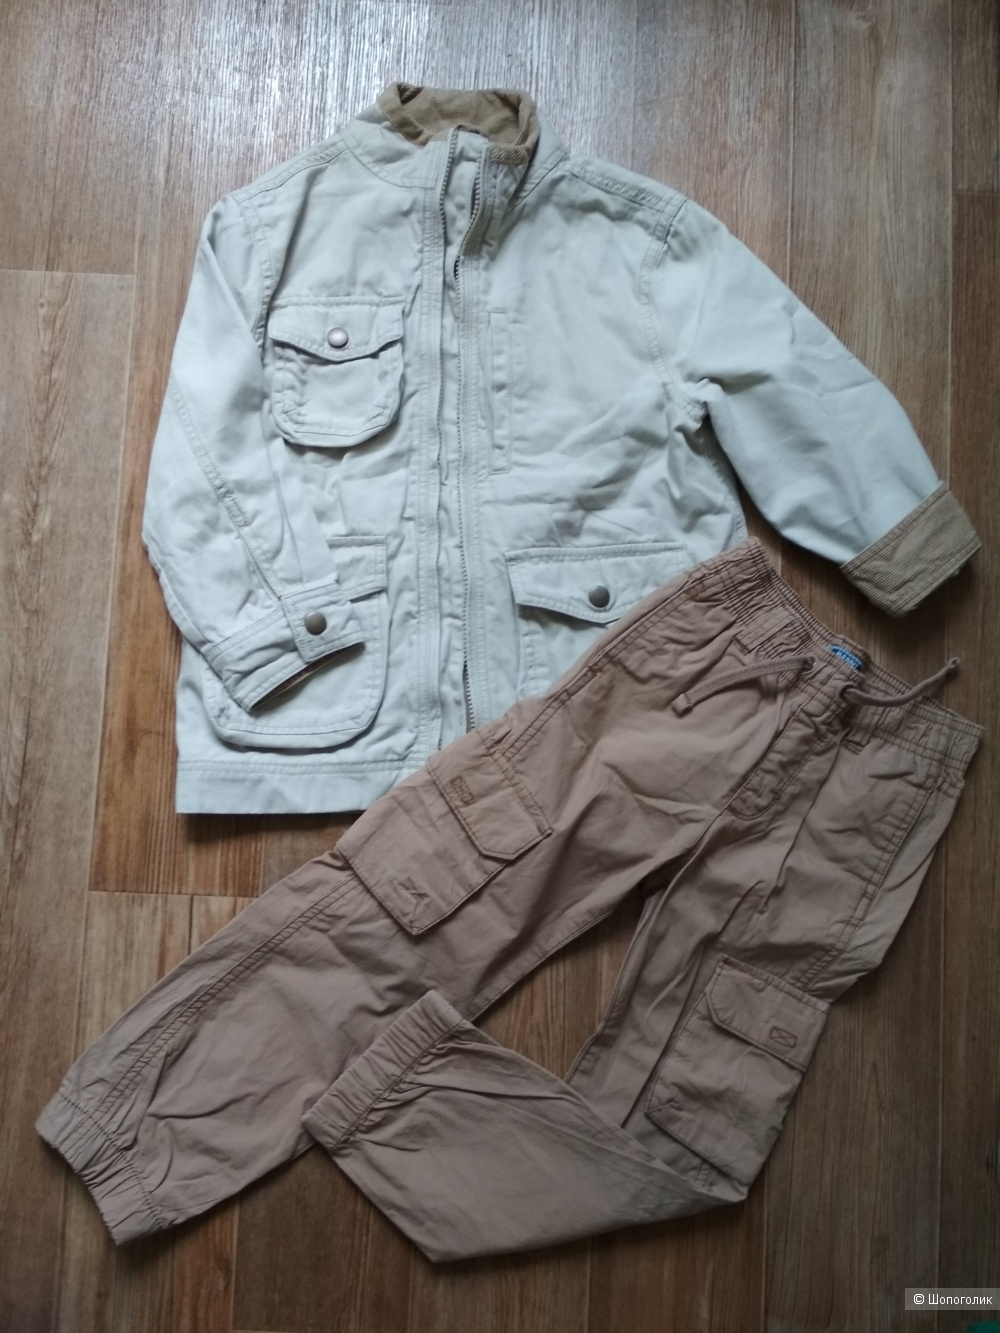 Сет куртка gymboree штаны old navy размер 5-6